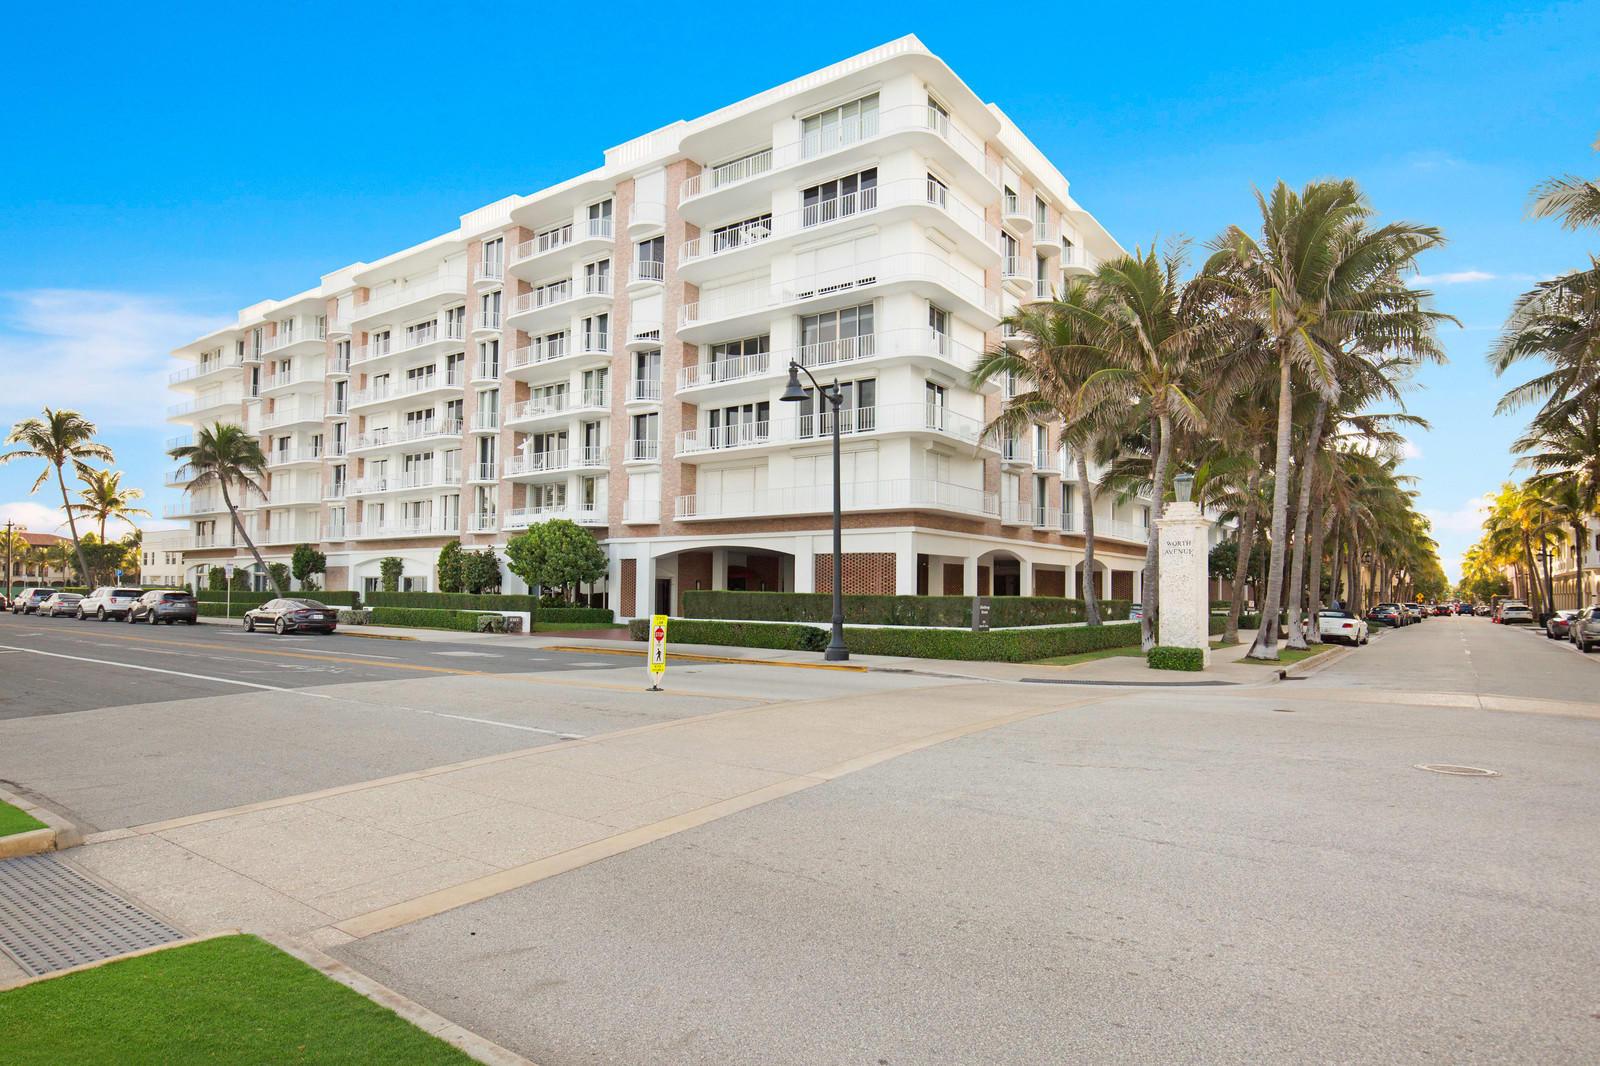 100 Worth Avenue, Palm Beach, Florida 33480, 2 Bedrooms Bedrooms, ,2 BathroomsBathrooms,Condo/Coop,For Sale,Worth,2,RX-10494636